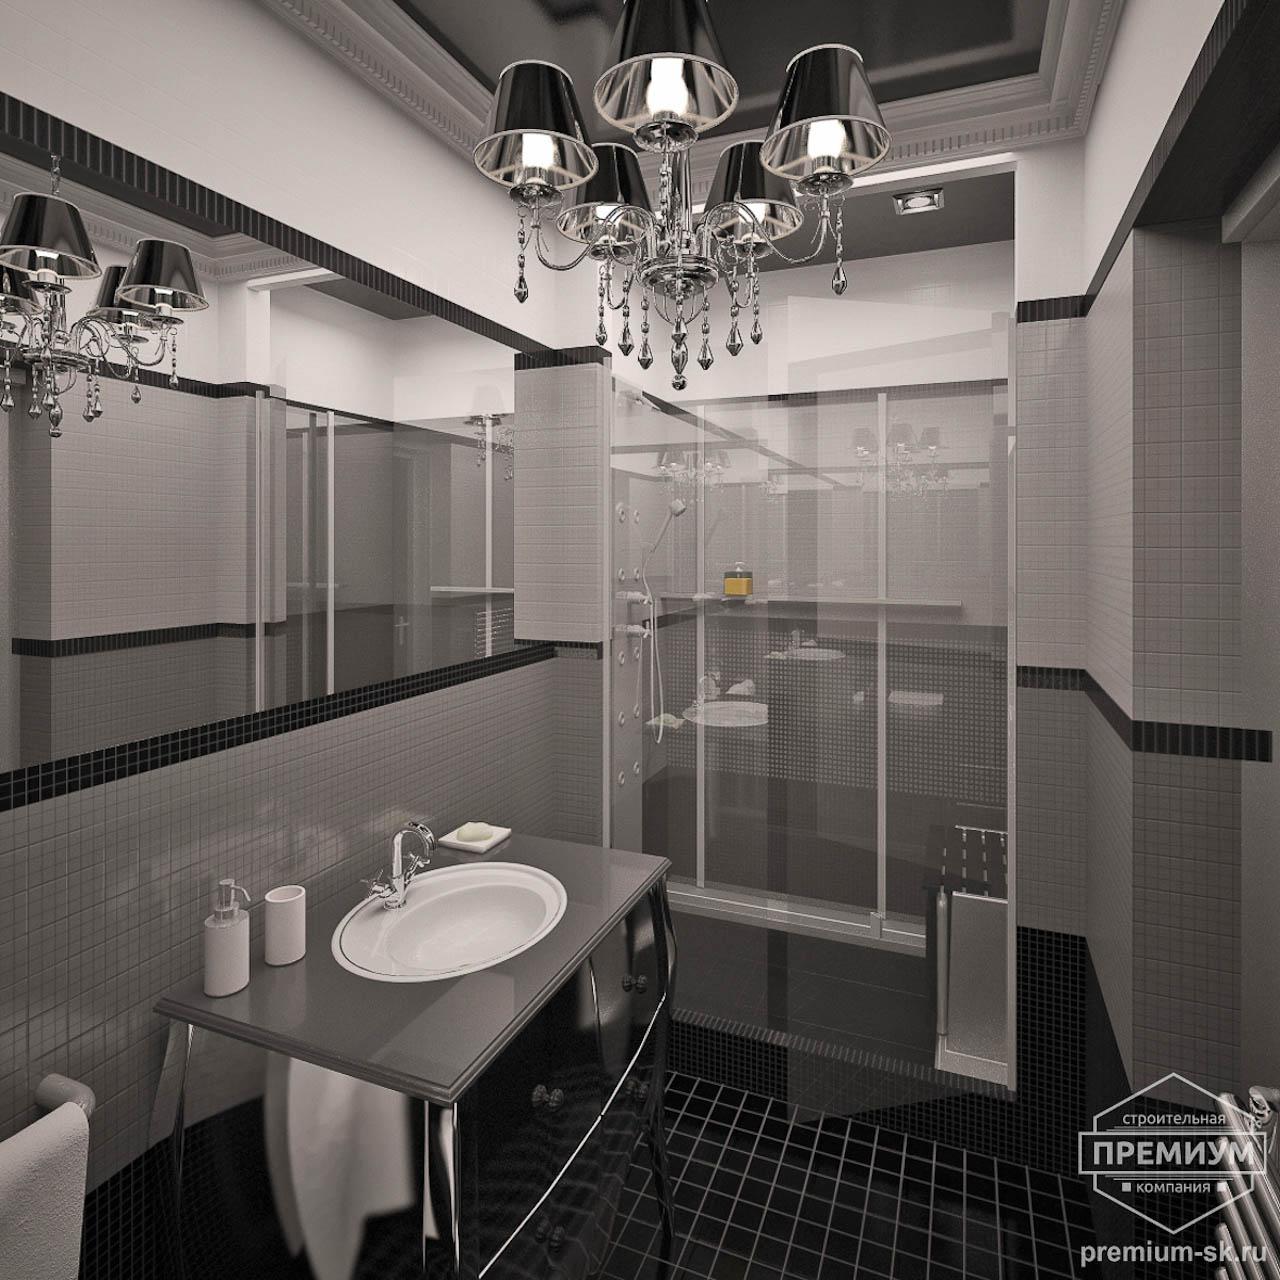 Дизайн интерьера однокомнатной квартиры по ул. Крауля 56 img926967487